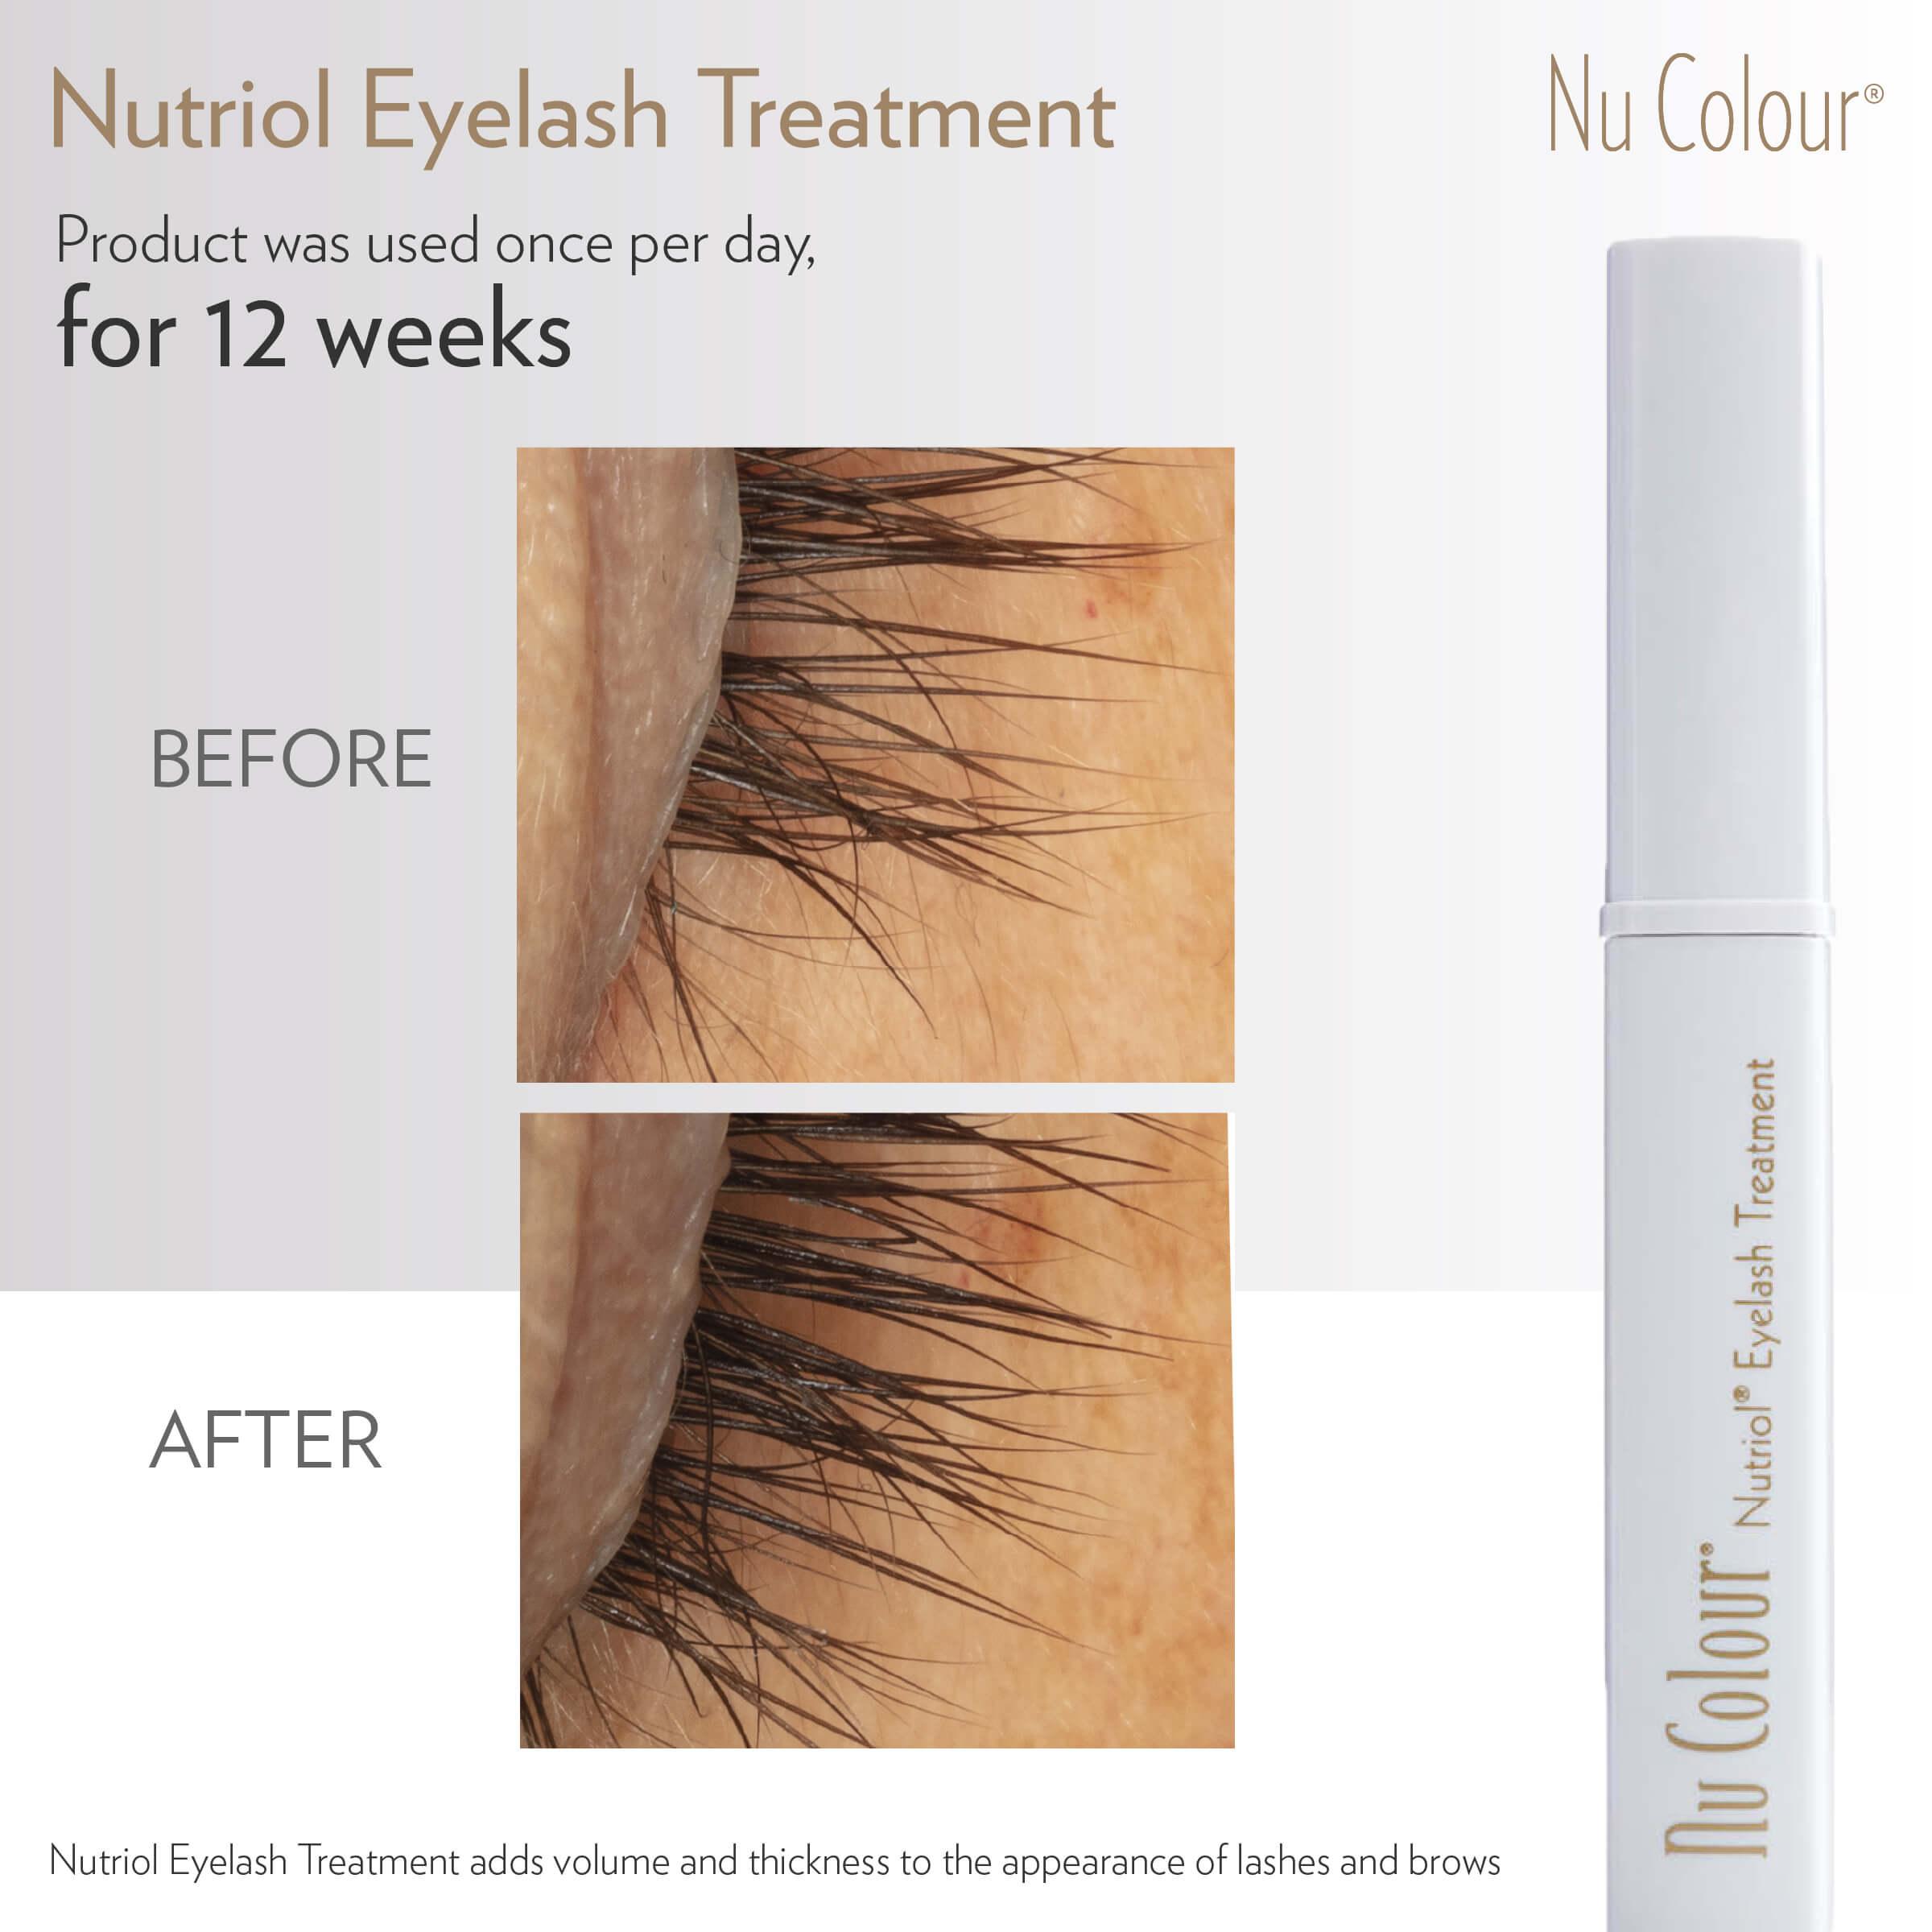 B-A-Nutriol-Eyelash-Treatment-2